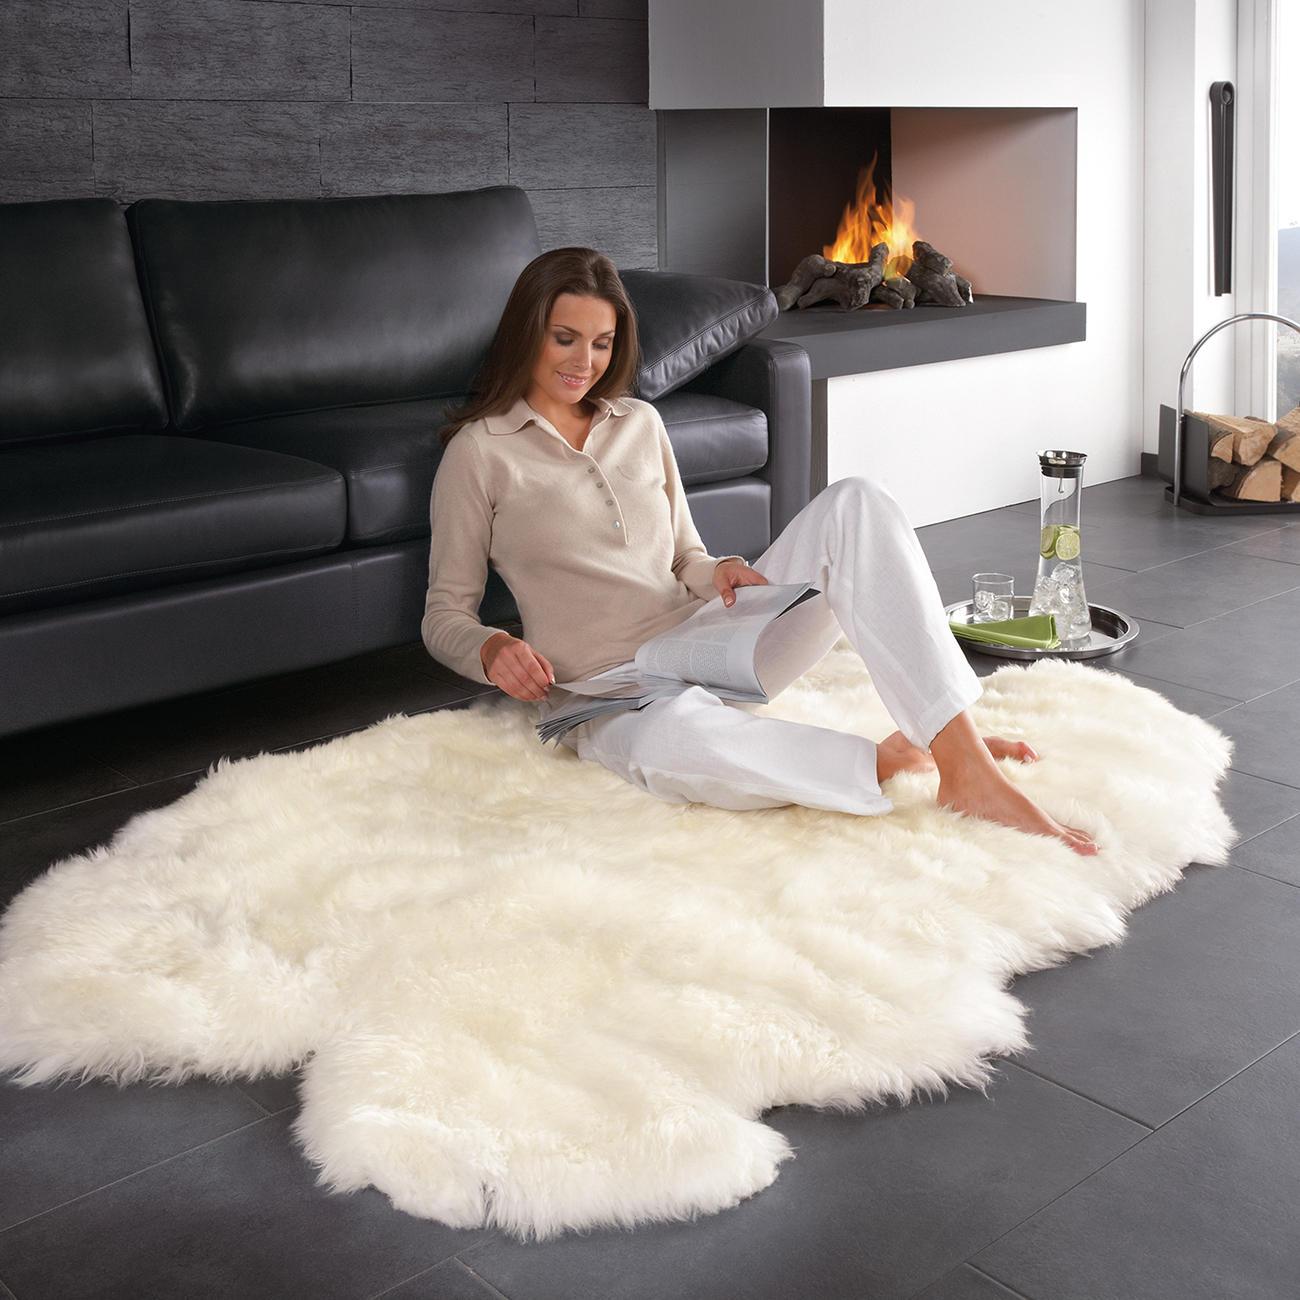 teppich 160 x 160 preisvergleich die besten angebote online kaufen. Black Bedroom Furniture Sets. Home Design Ideas